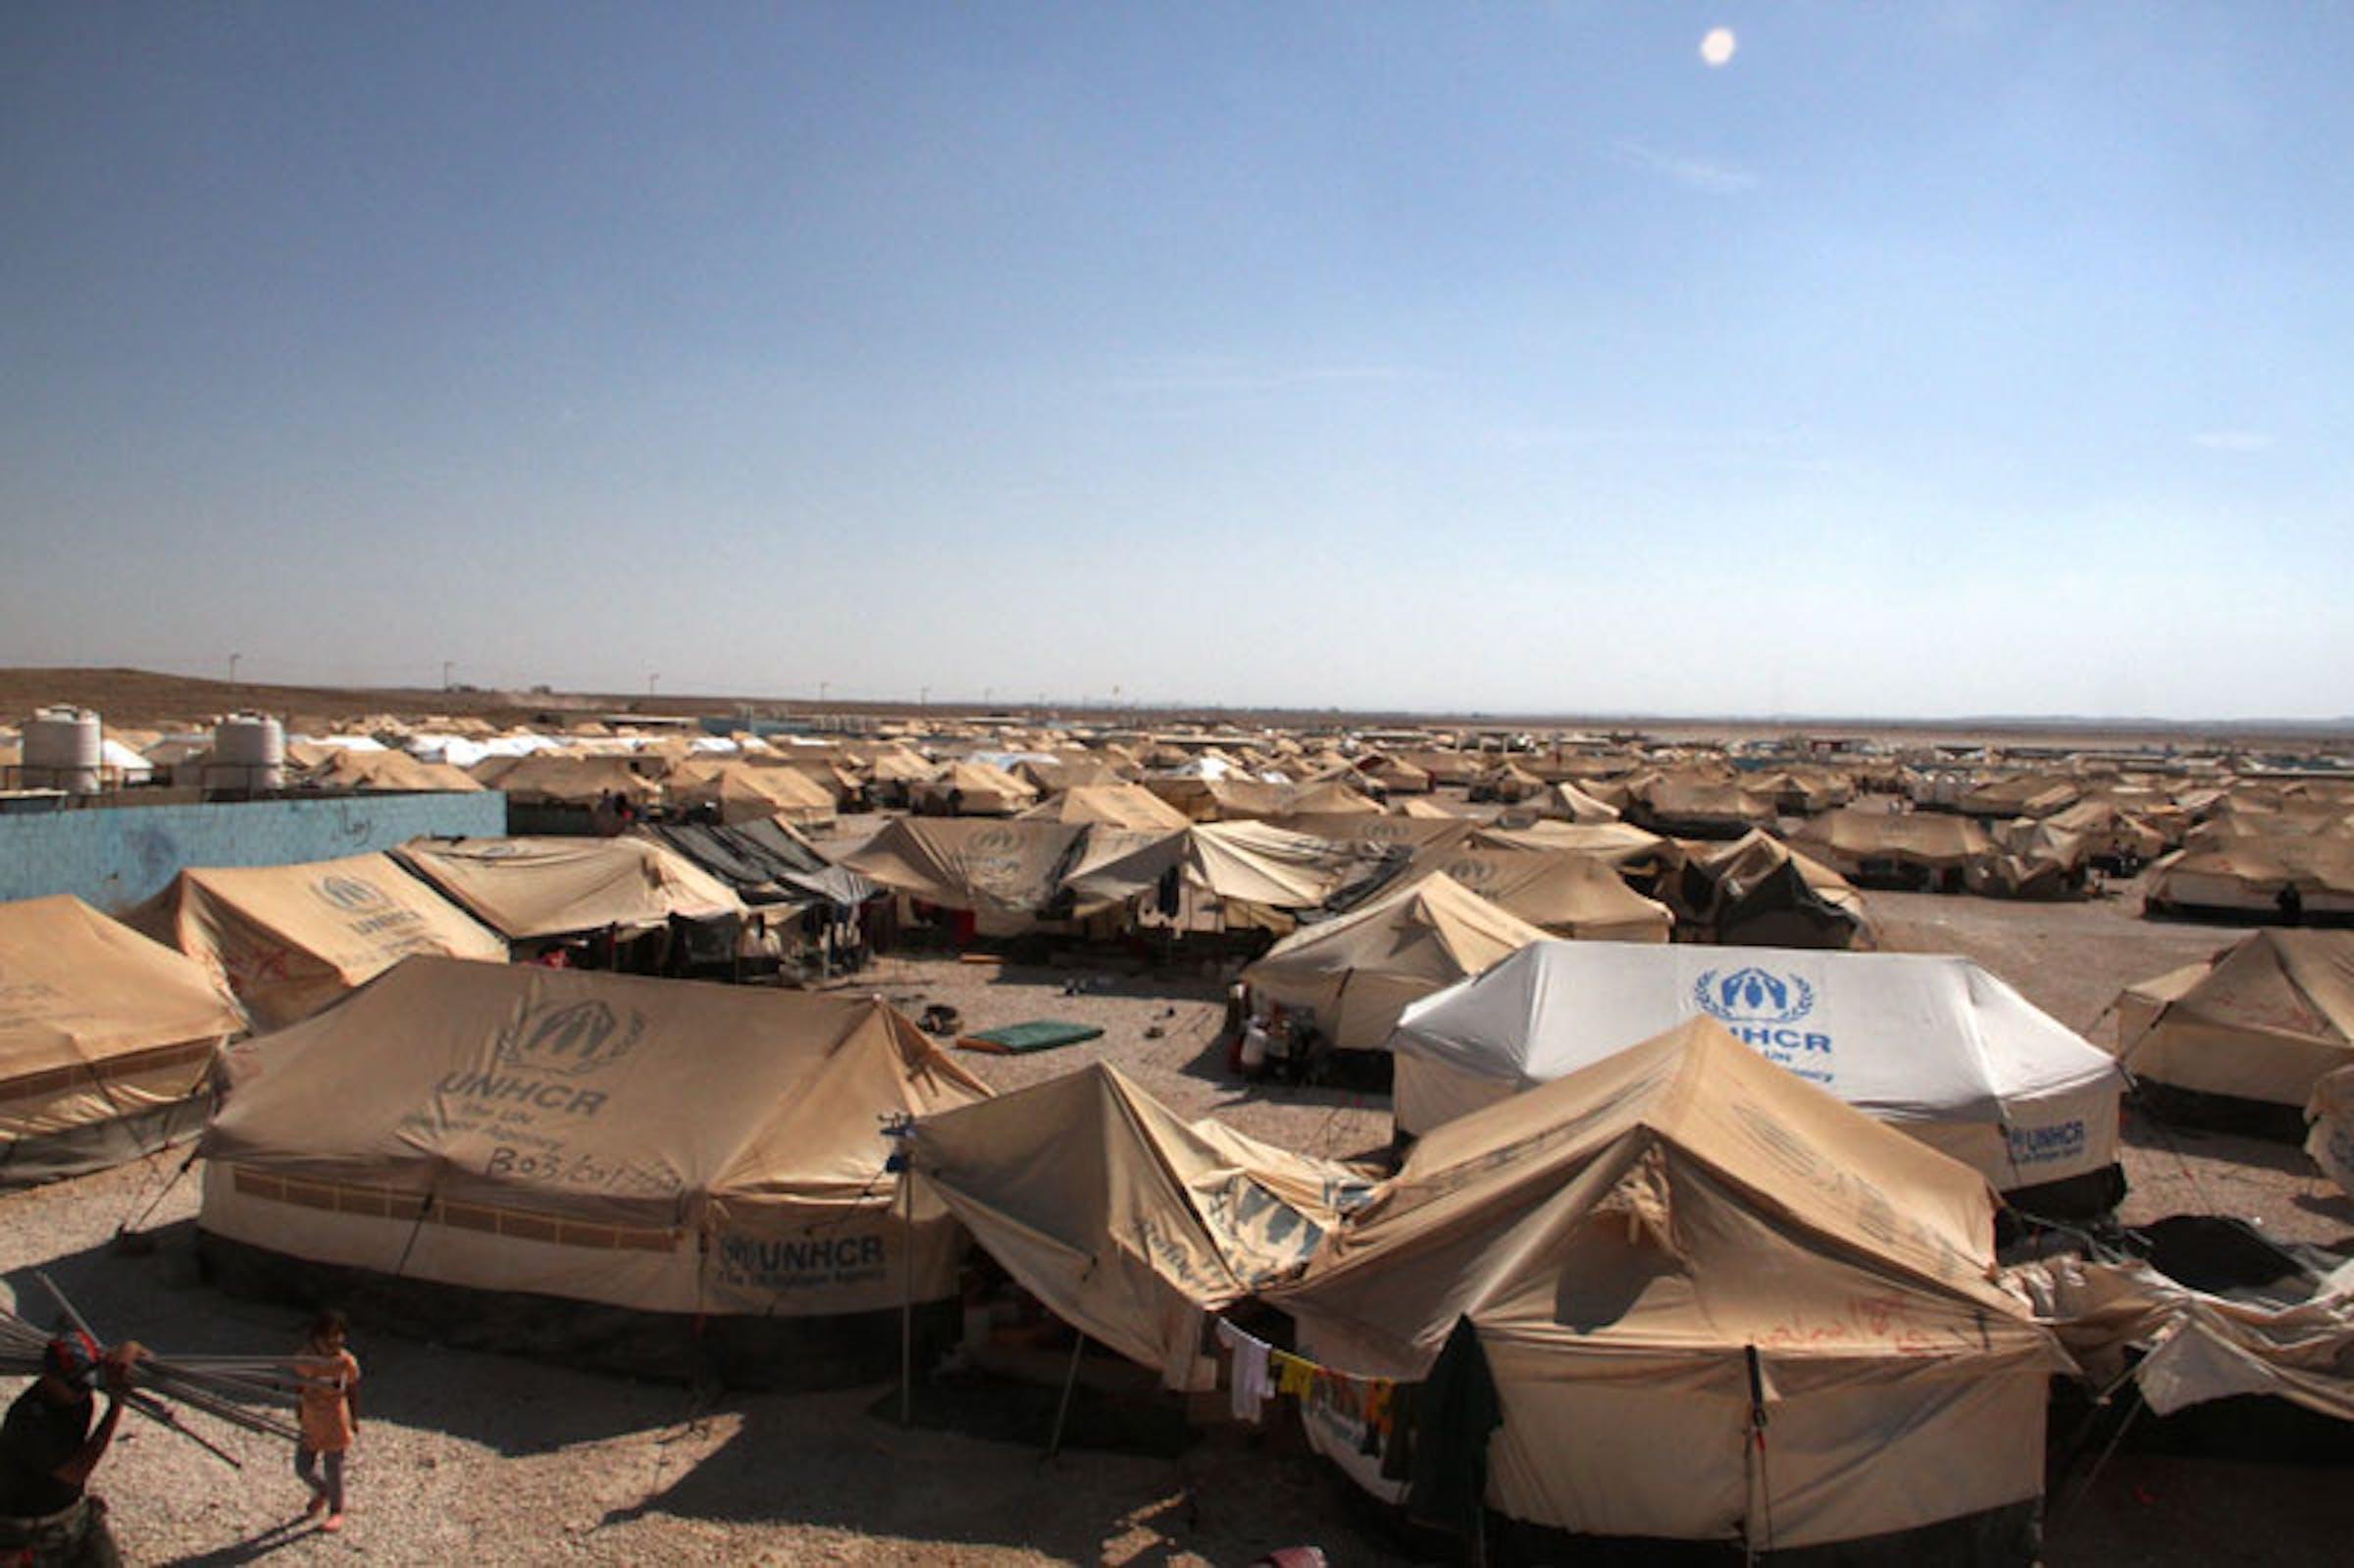 Le tende del campo profughi di Za'atari (Giordania) - ©UNICEF Giordania/2012/Al Masri